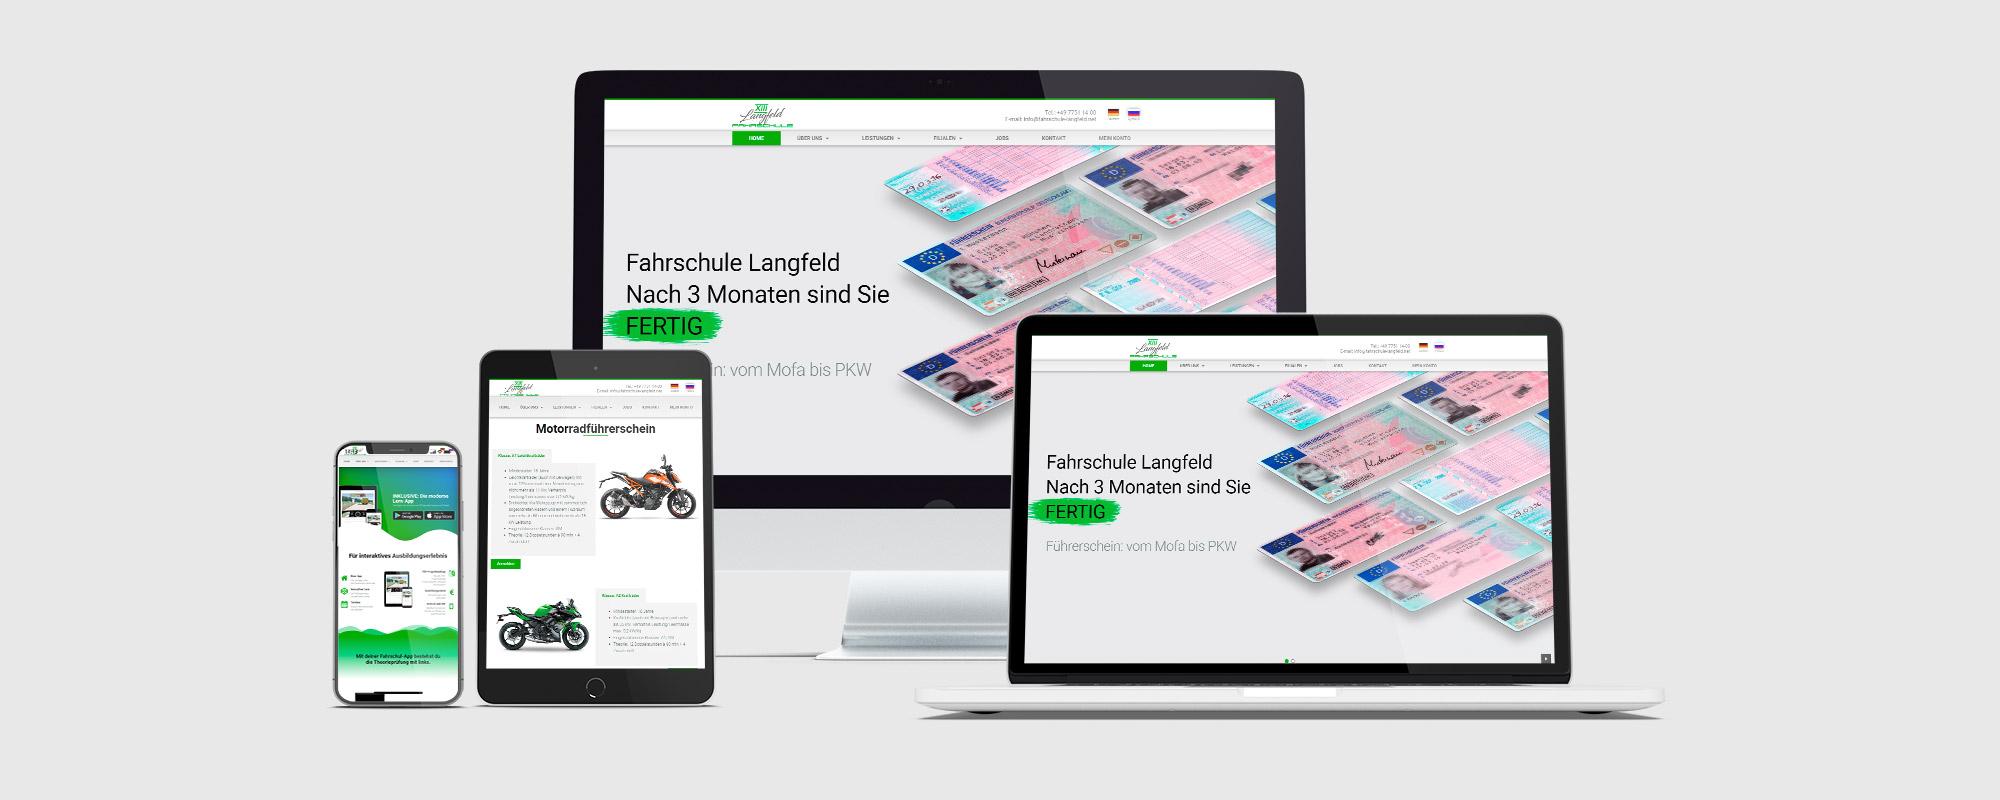 Entwicklung der Webseite für die Fahrschule